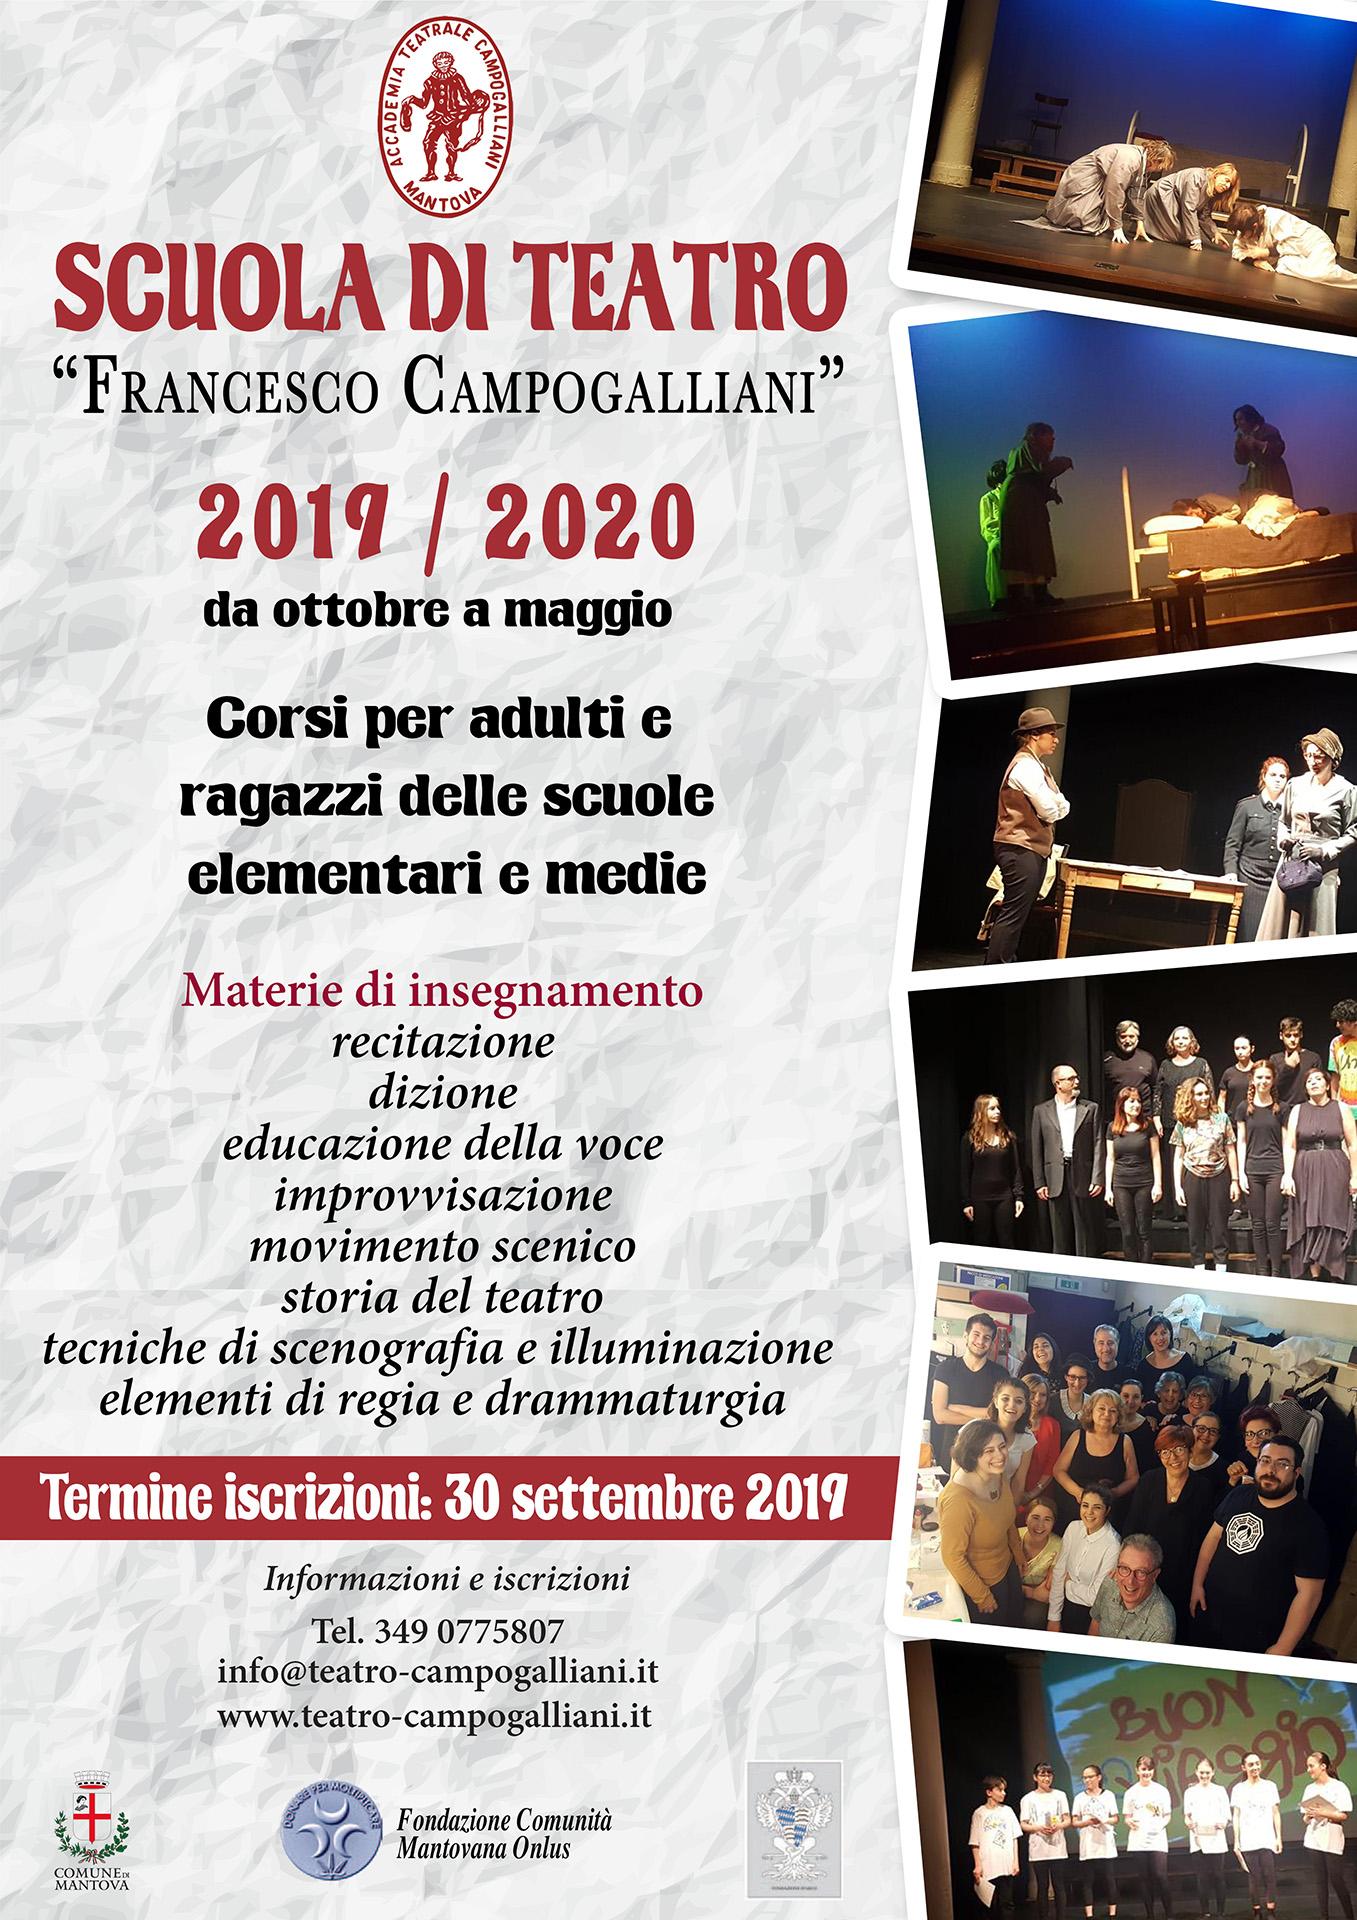 Scuola di teatro 2019-20